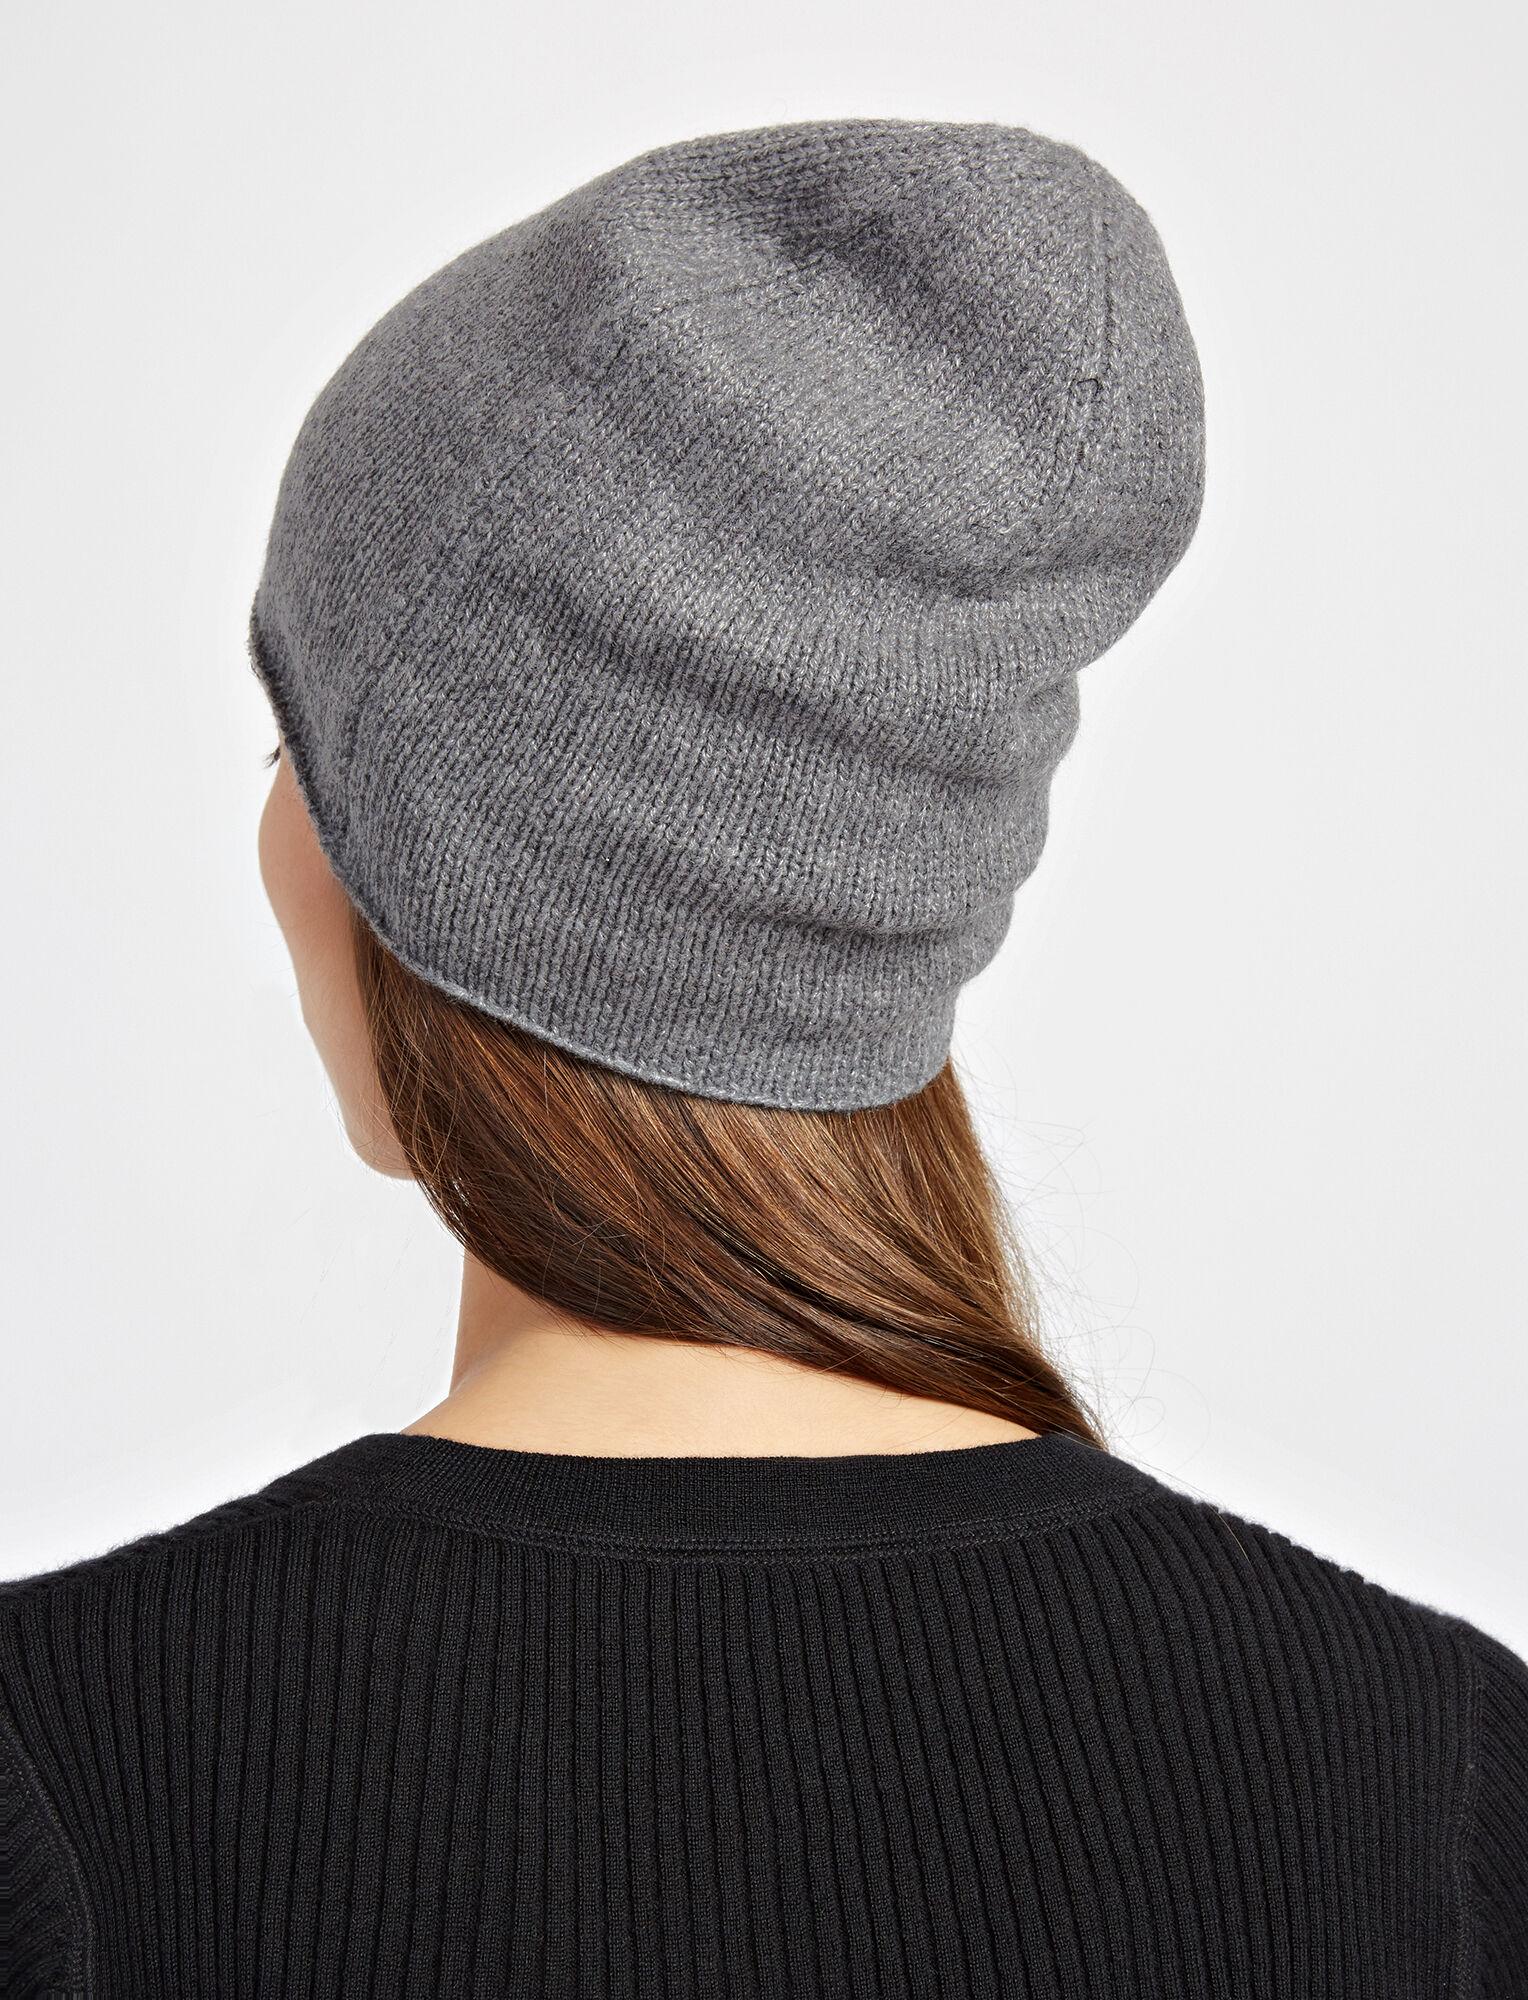 Joseph, Mongolian Cashmere Hat, in GRAPHITE